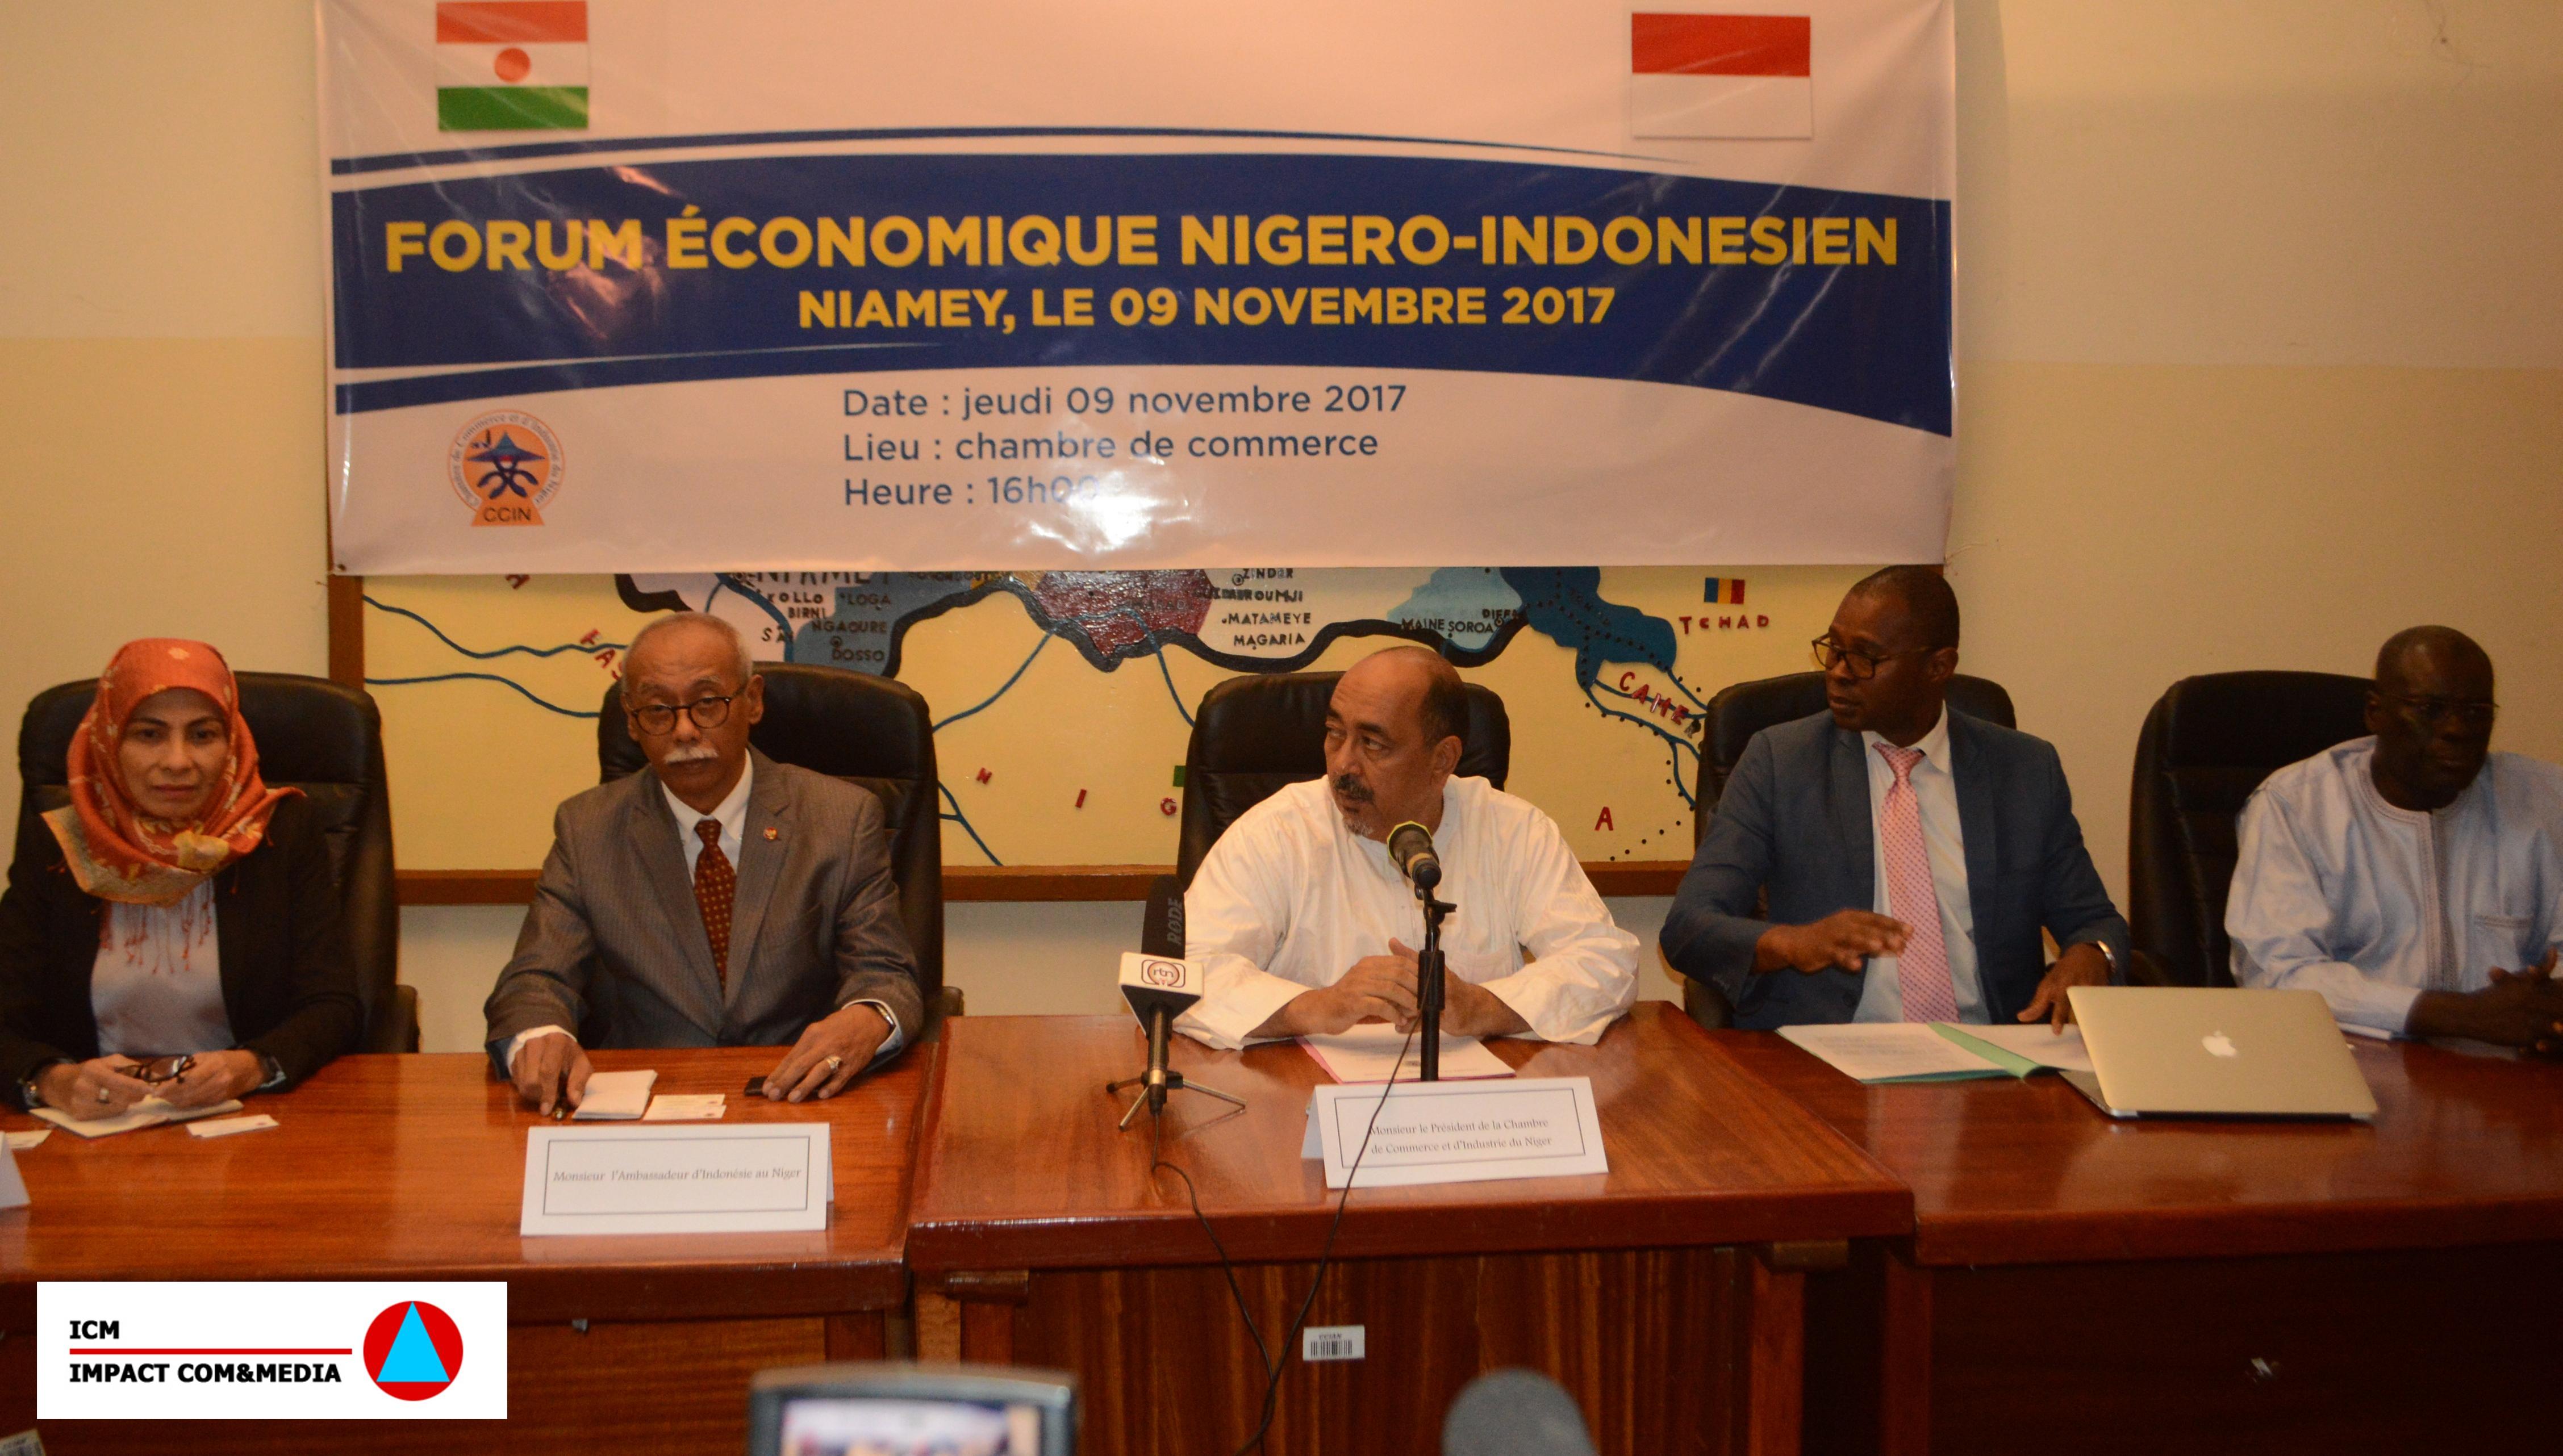 Indonésie-Niger : un partenariat privé en voie de développement